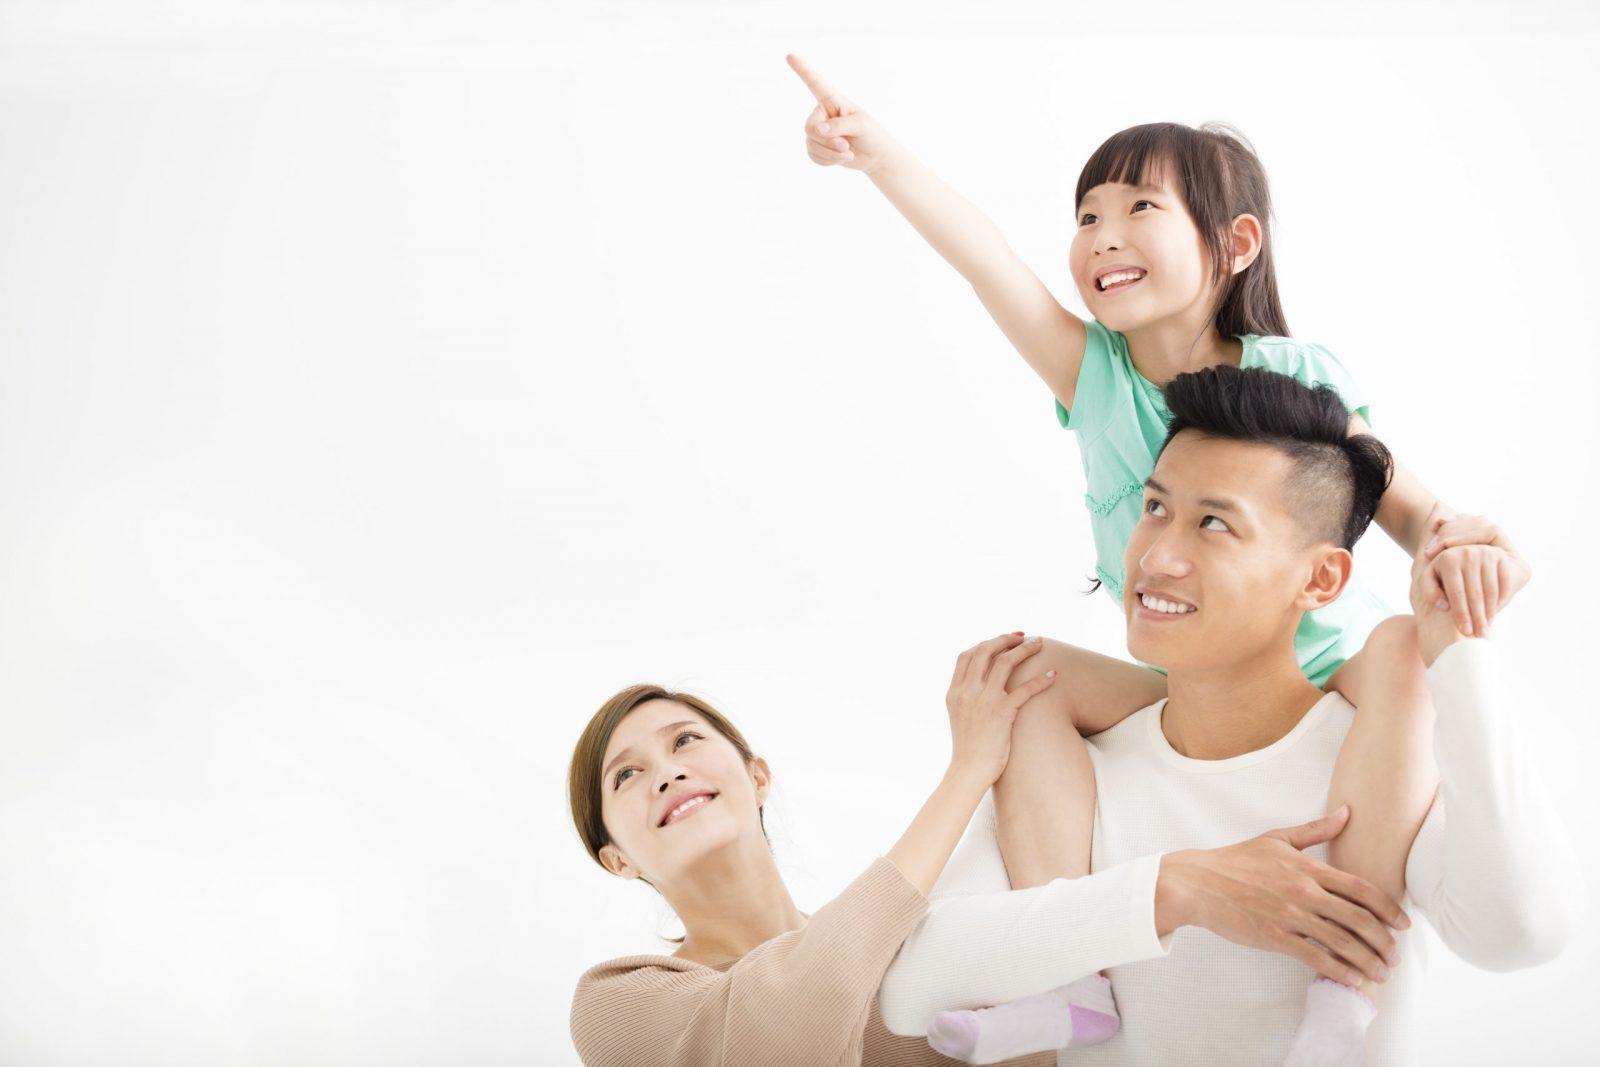 5 個原則,教你新生兒如何買保險! 2021 年最新版本